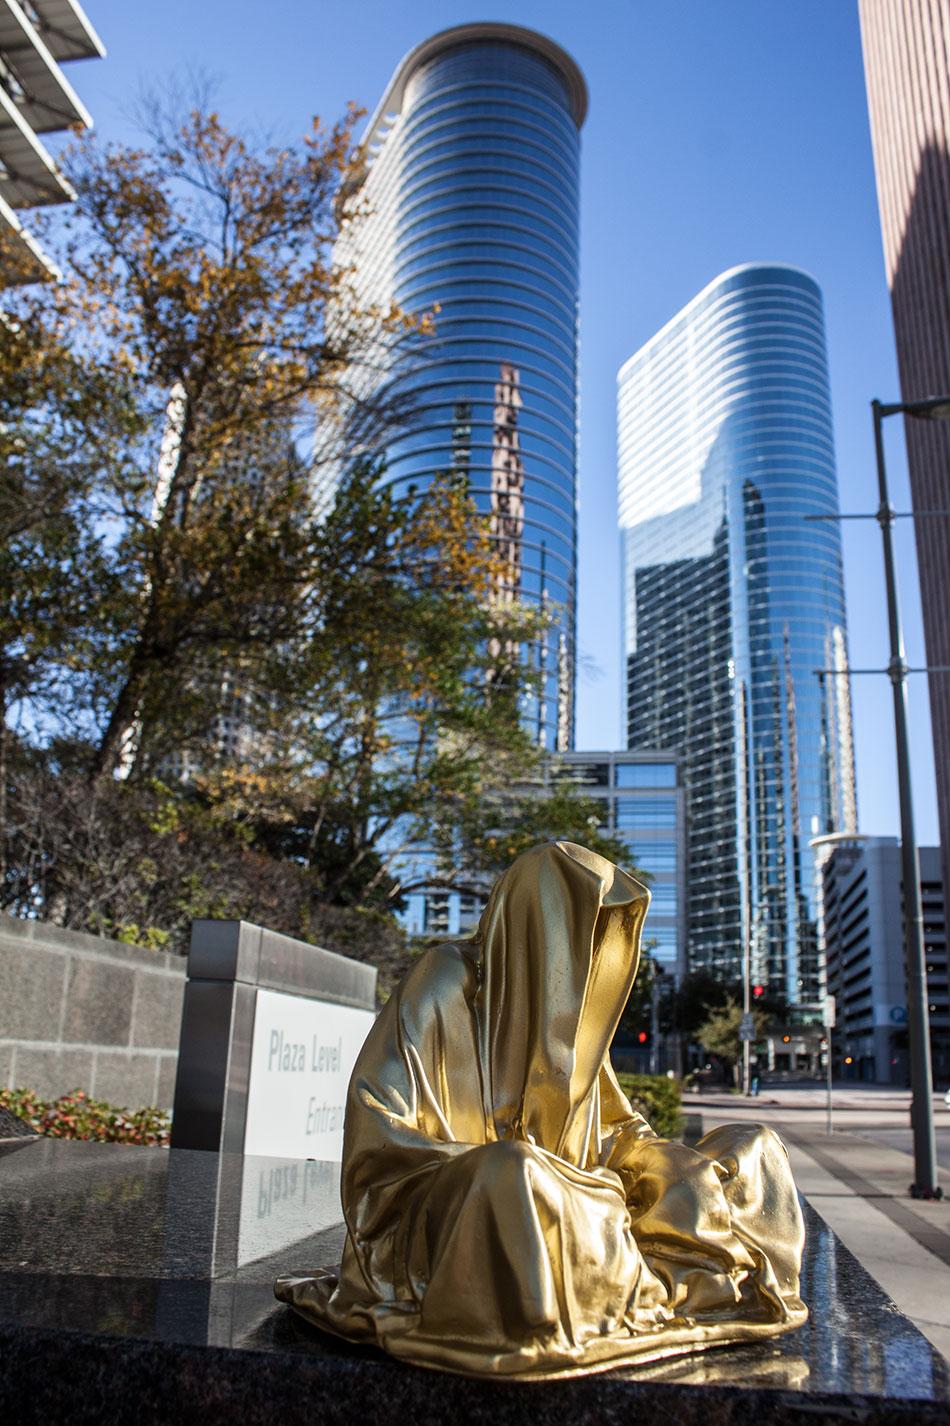 public-art-usa-tour-houston-texas-art-arts-arte-design-guardians-of-time-manfred-kielnhofer-contemporary-fine-art-antiques-5224